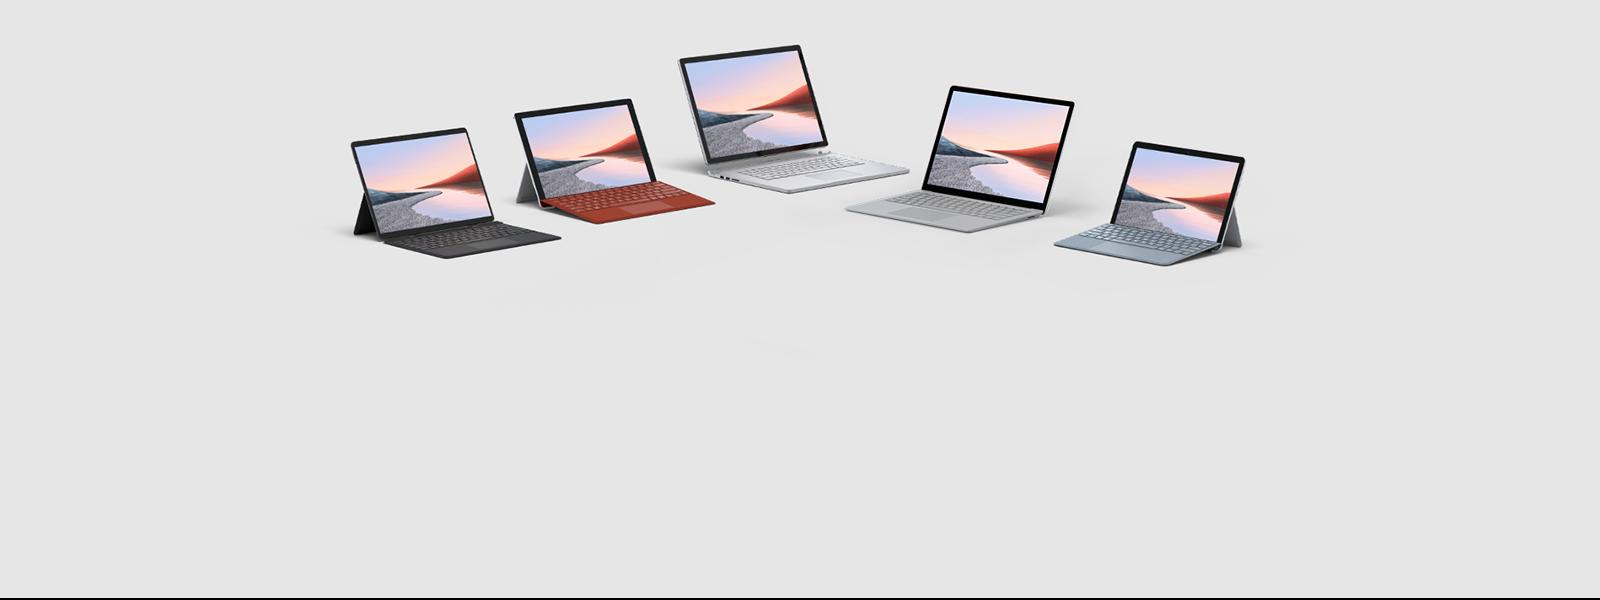 Obtenez jusqu'à 25% de réduction sur la famille Surface : Surface Pro 7, Surface Laptop Go, Surface Laptop 3, Surface Book 3 et Surface Pro X.